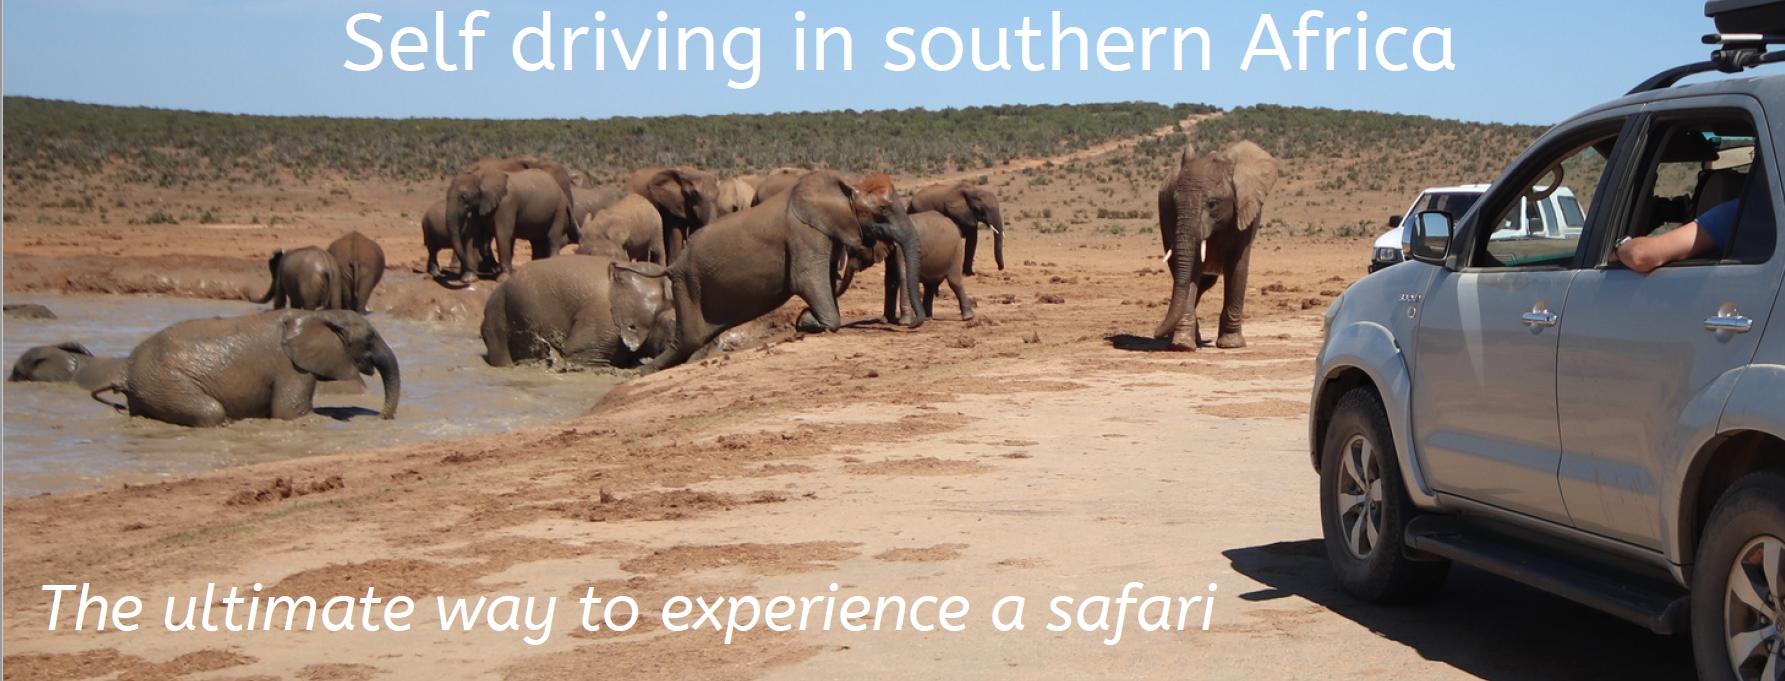 Self drive safari southern Africa